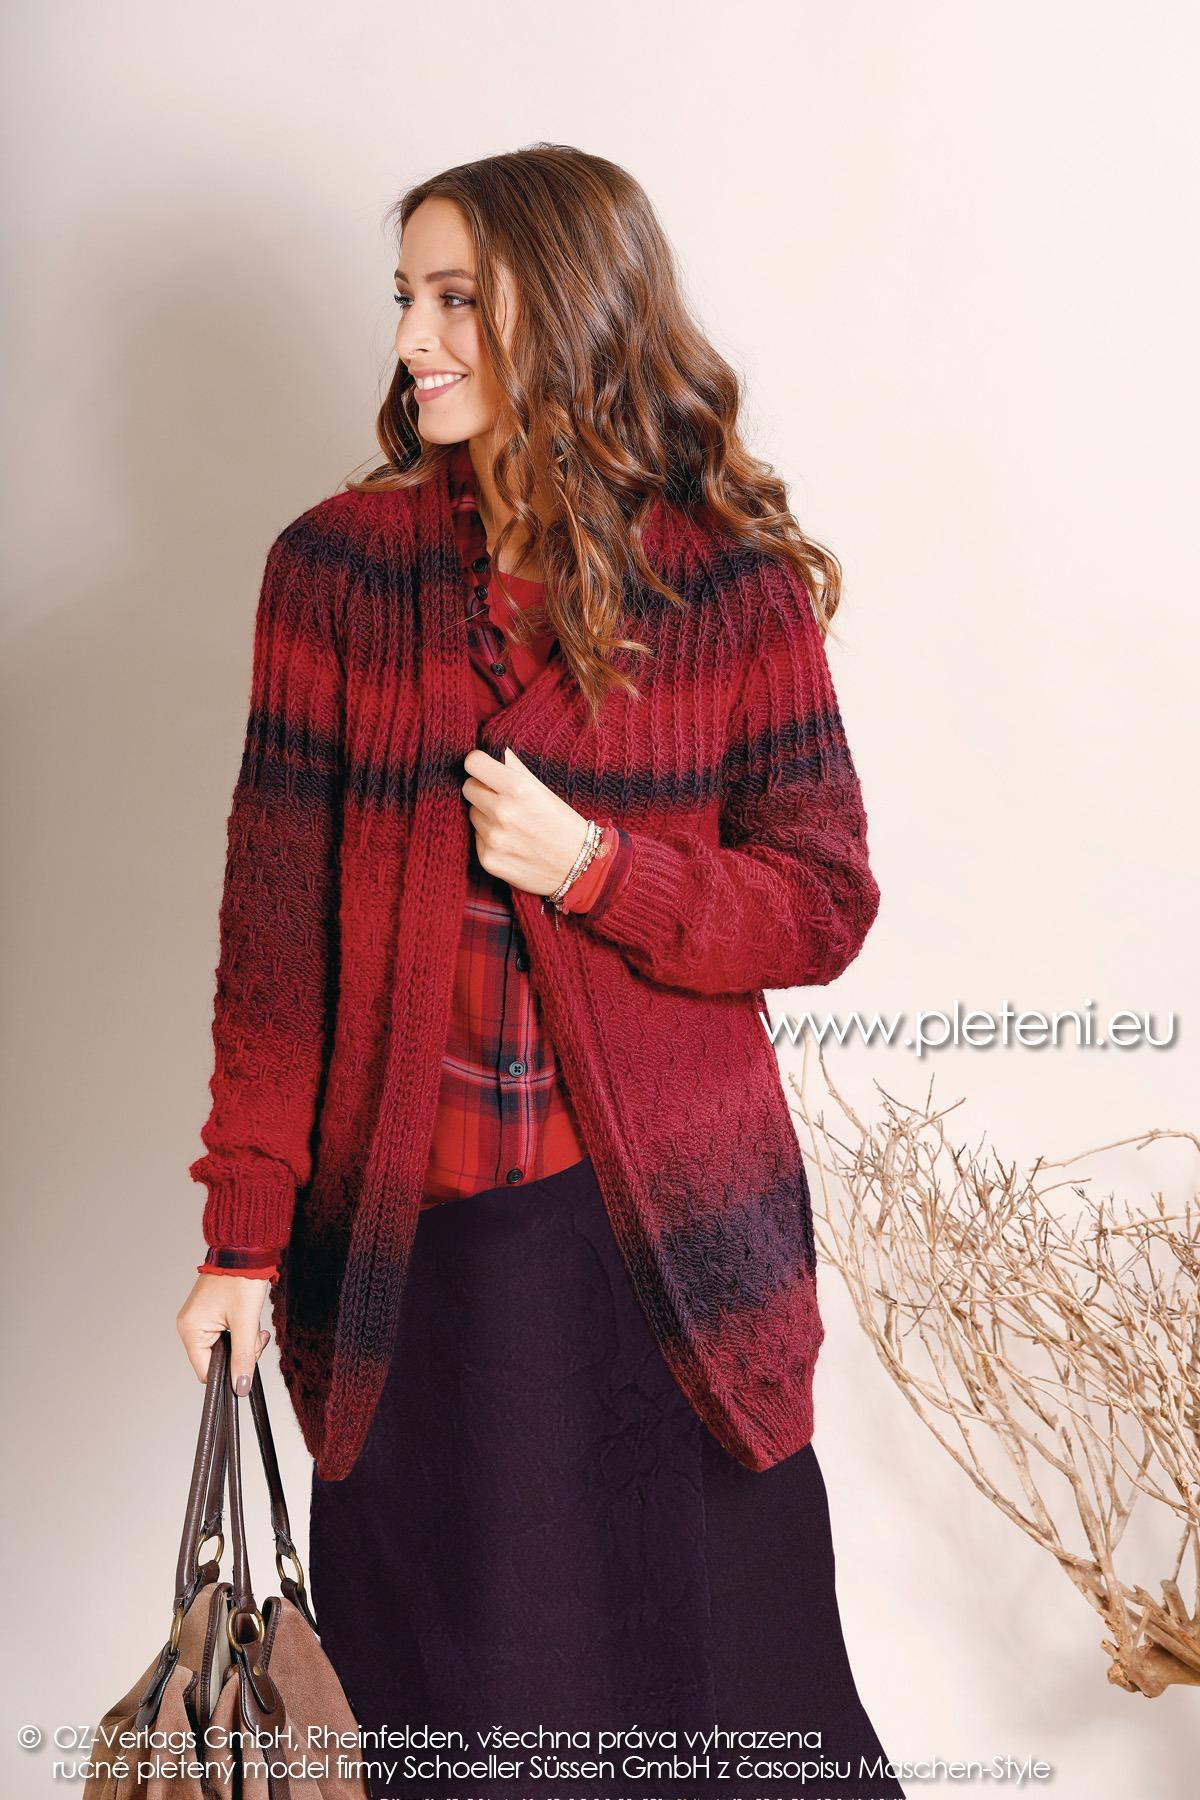 2018-Z-14 dámský pletený kabátek z příze Chic & Warm nebo Caleido firmy Schoeller